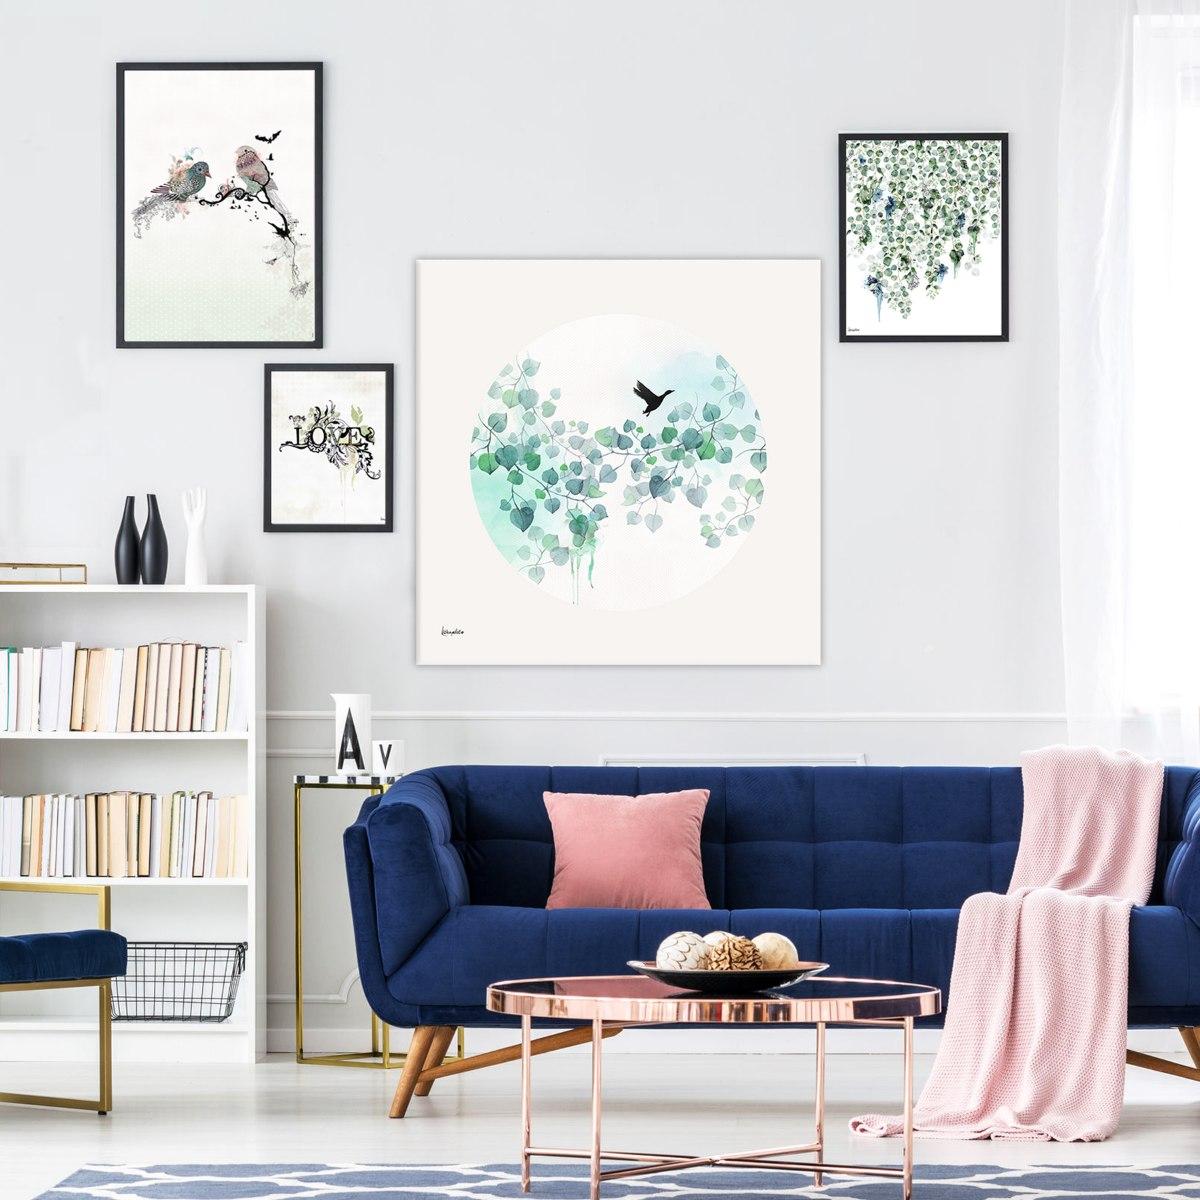 קיר גלריה של הדפסים שונים מעל ספה כחולה